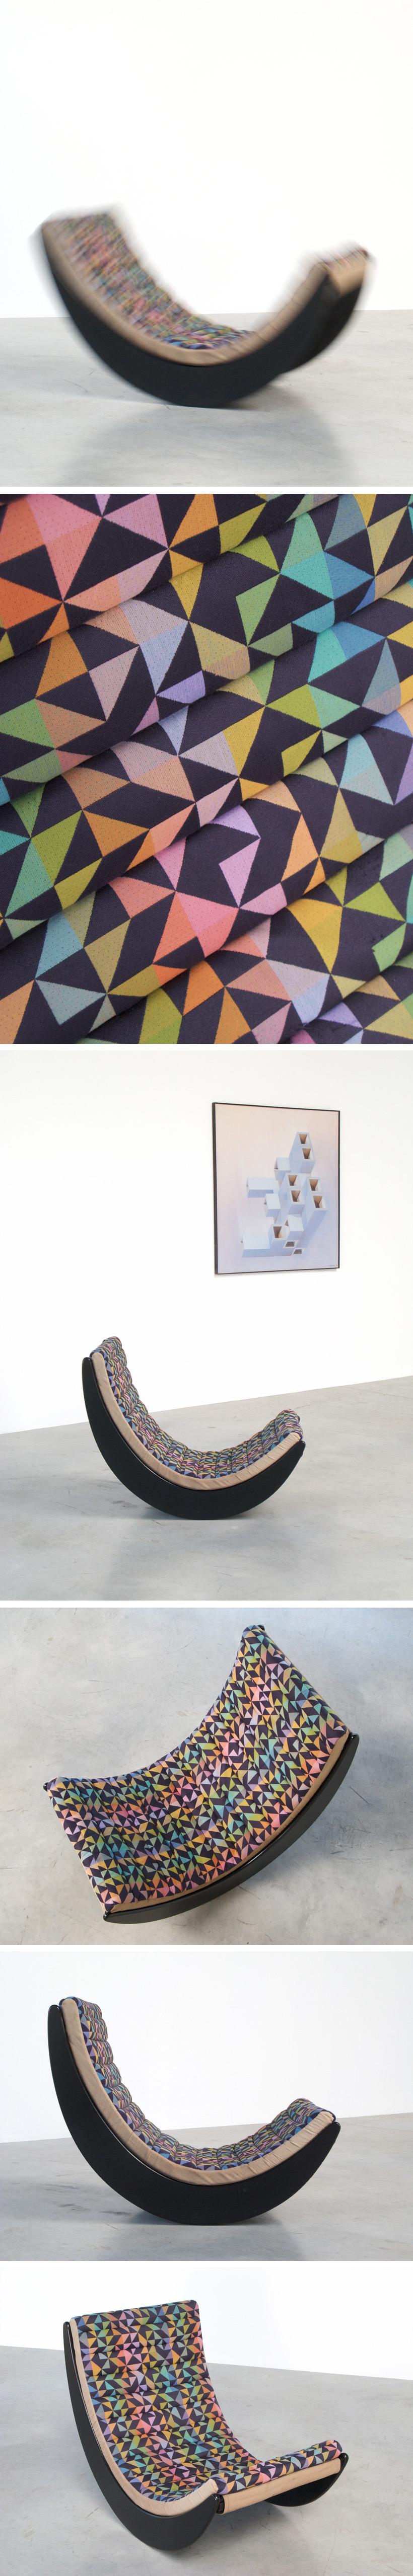 Verner Panton Relaxer 2 Rocking chair Rosenthal Large